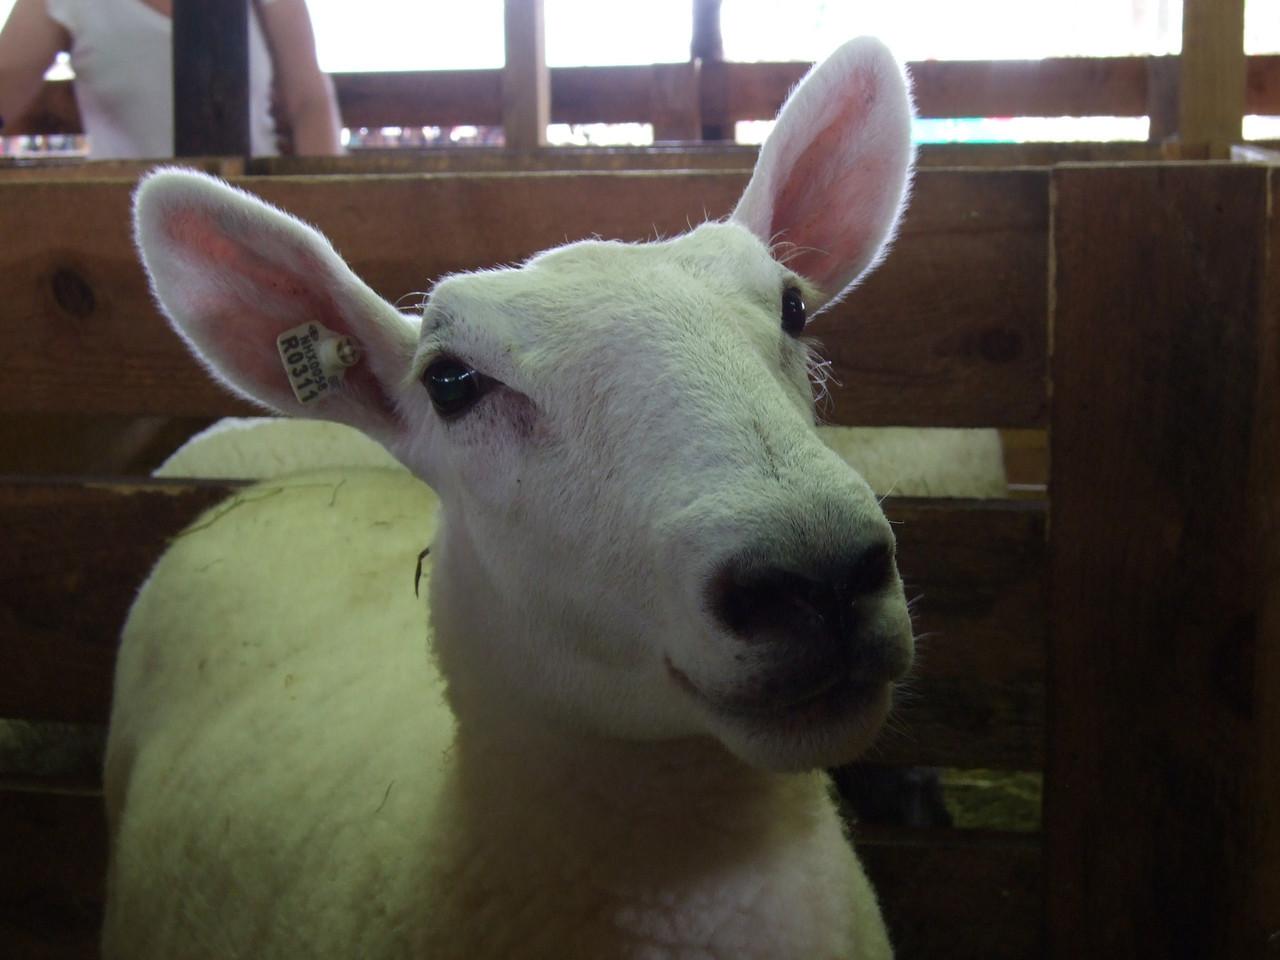 DSCF9770 Sheep at Hopkinton Fair